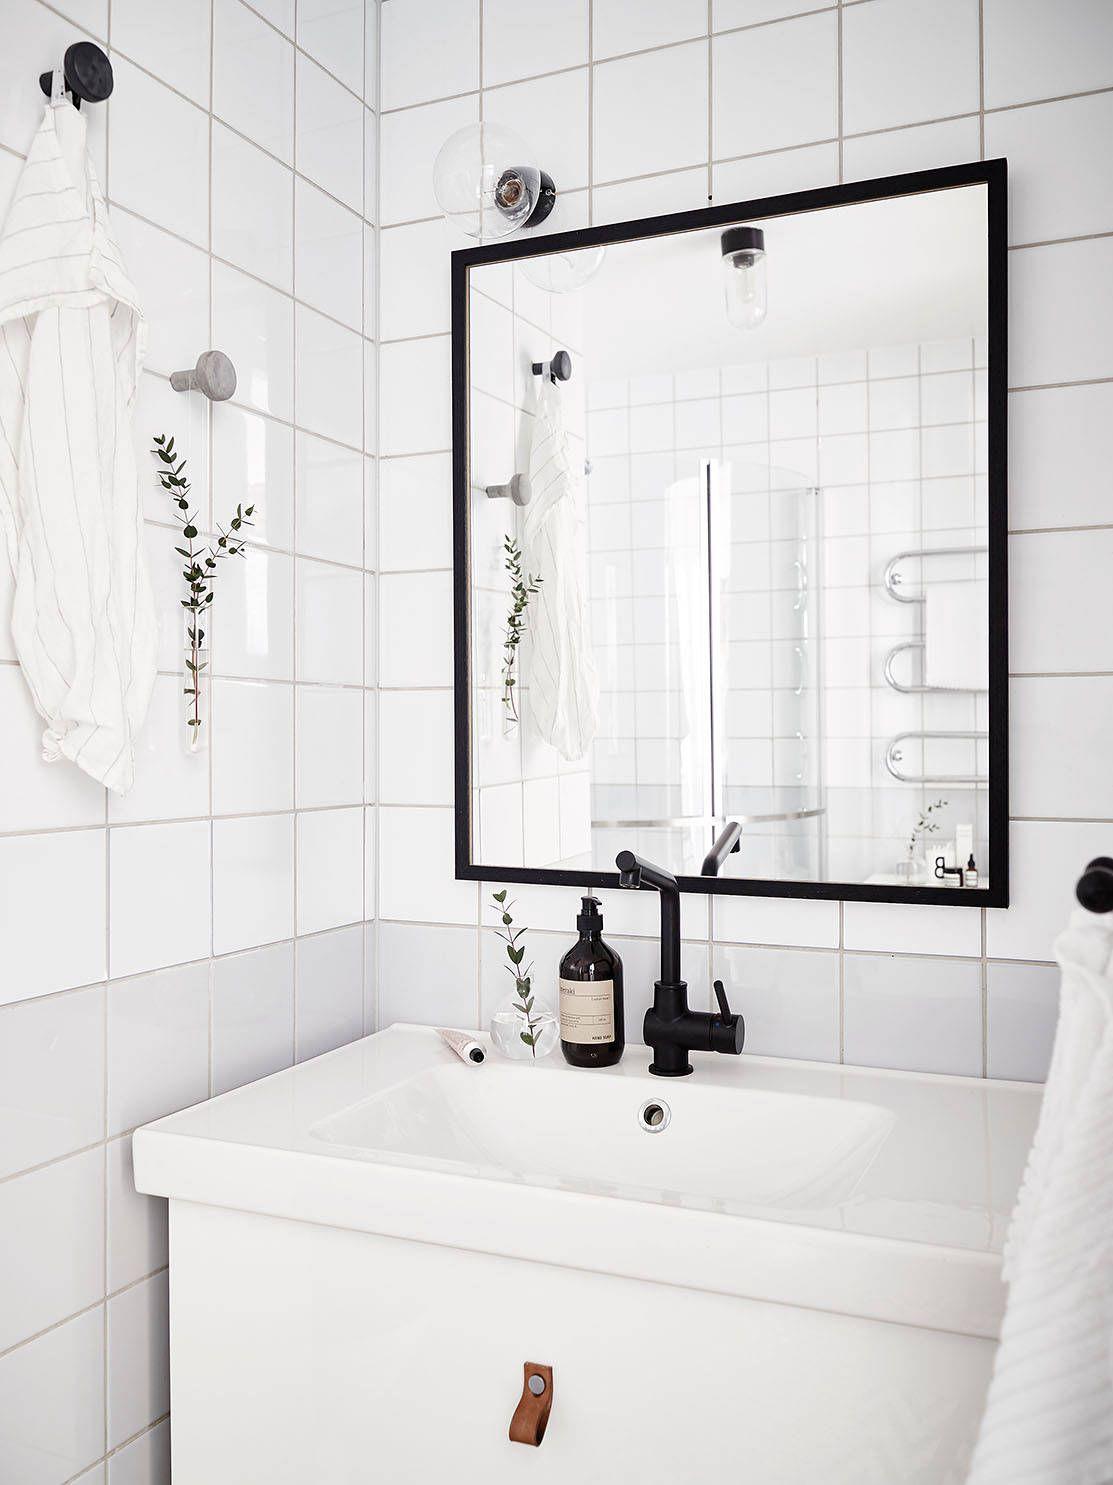 Simpele\' Scandinavische badkamer in zwart wit kleuren. Door het ...